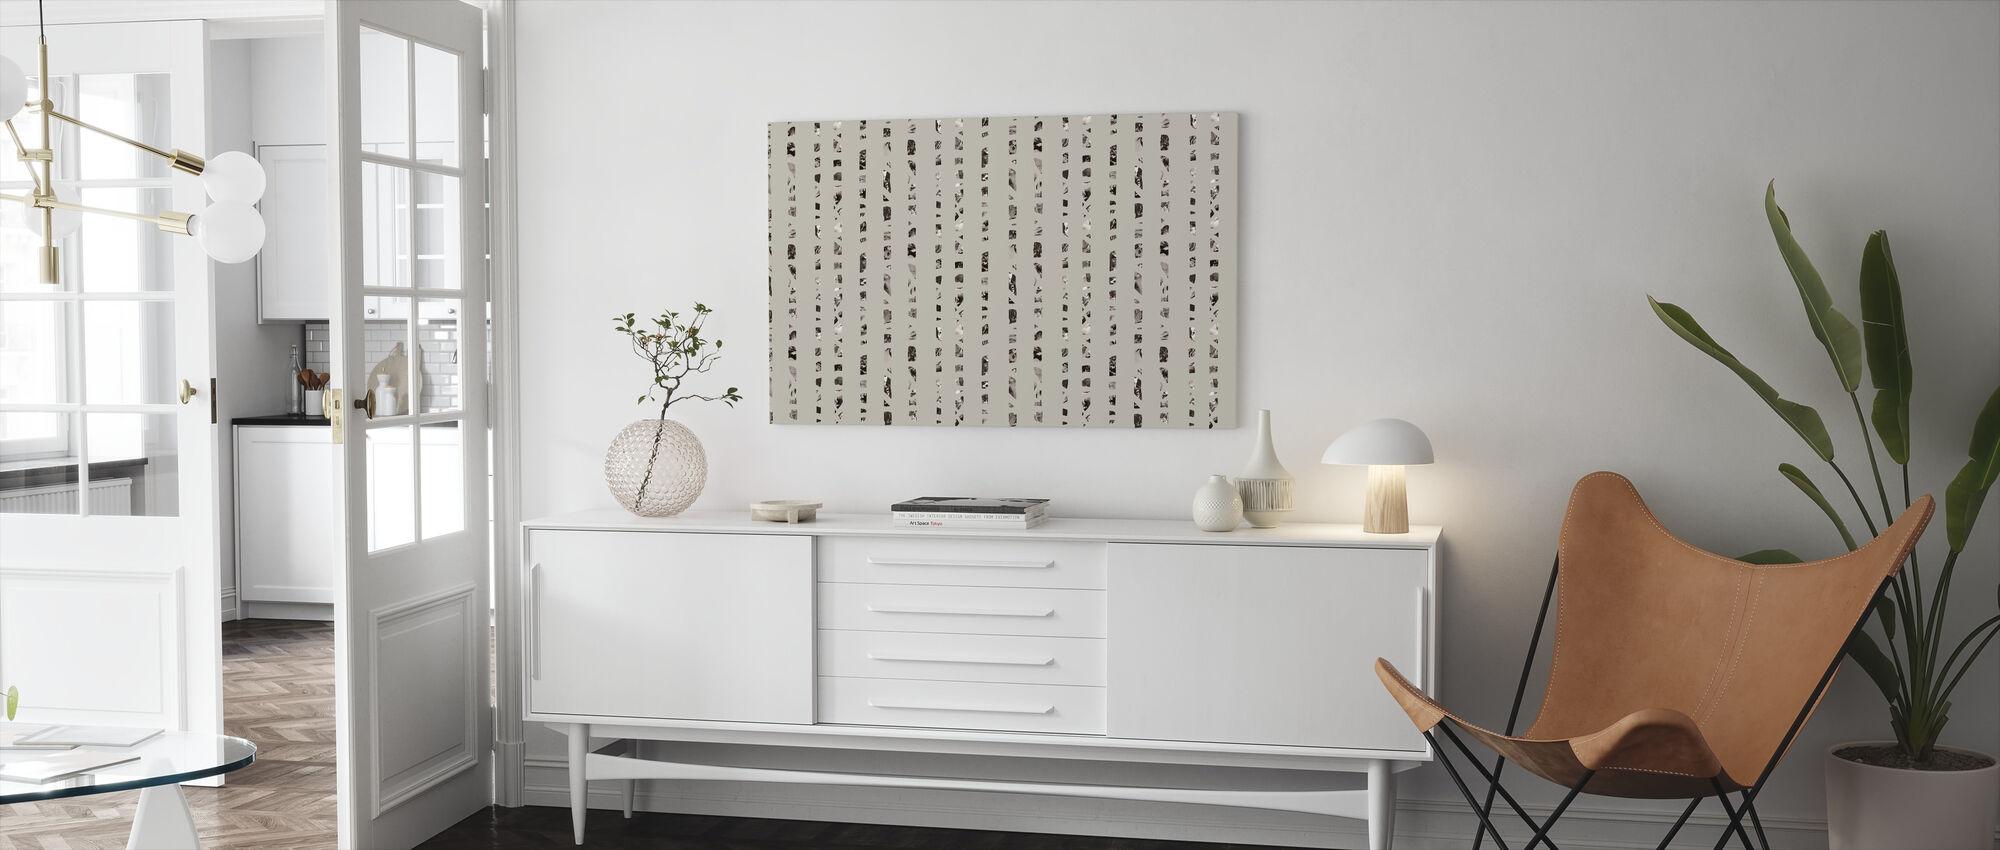 Studio Rita   Julia Heurling - Hinter Bäumen - Licht - Leinwandbild - Wohnzimmer